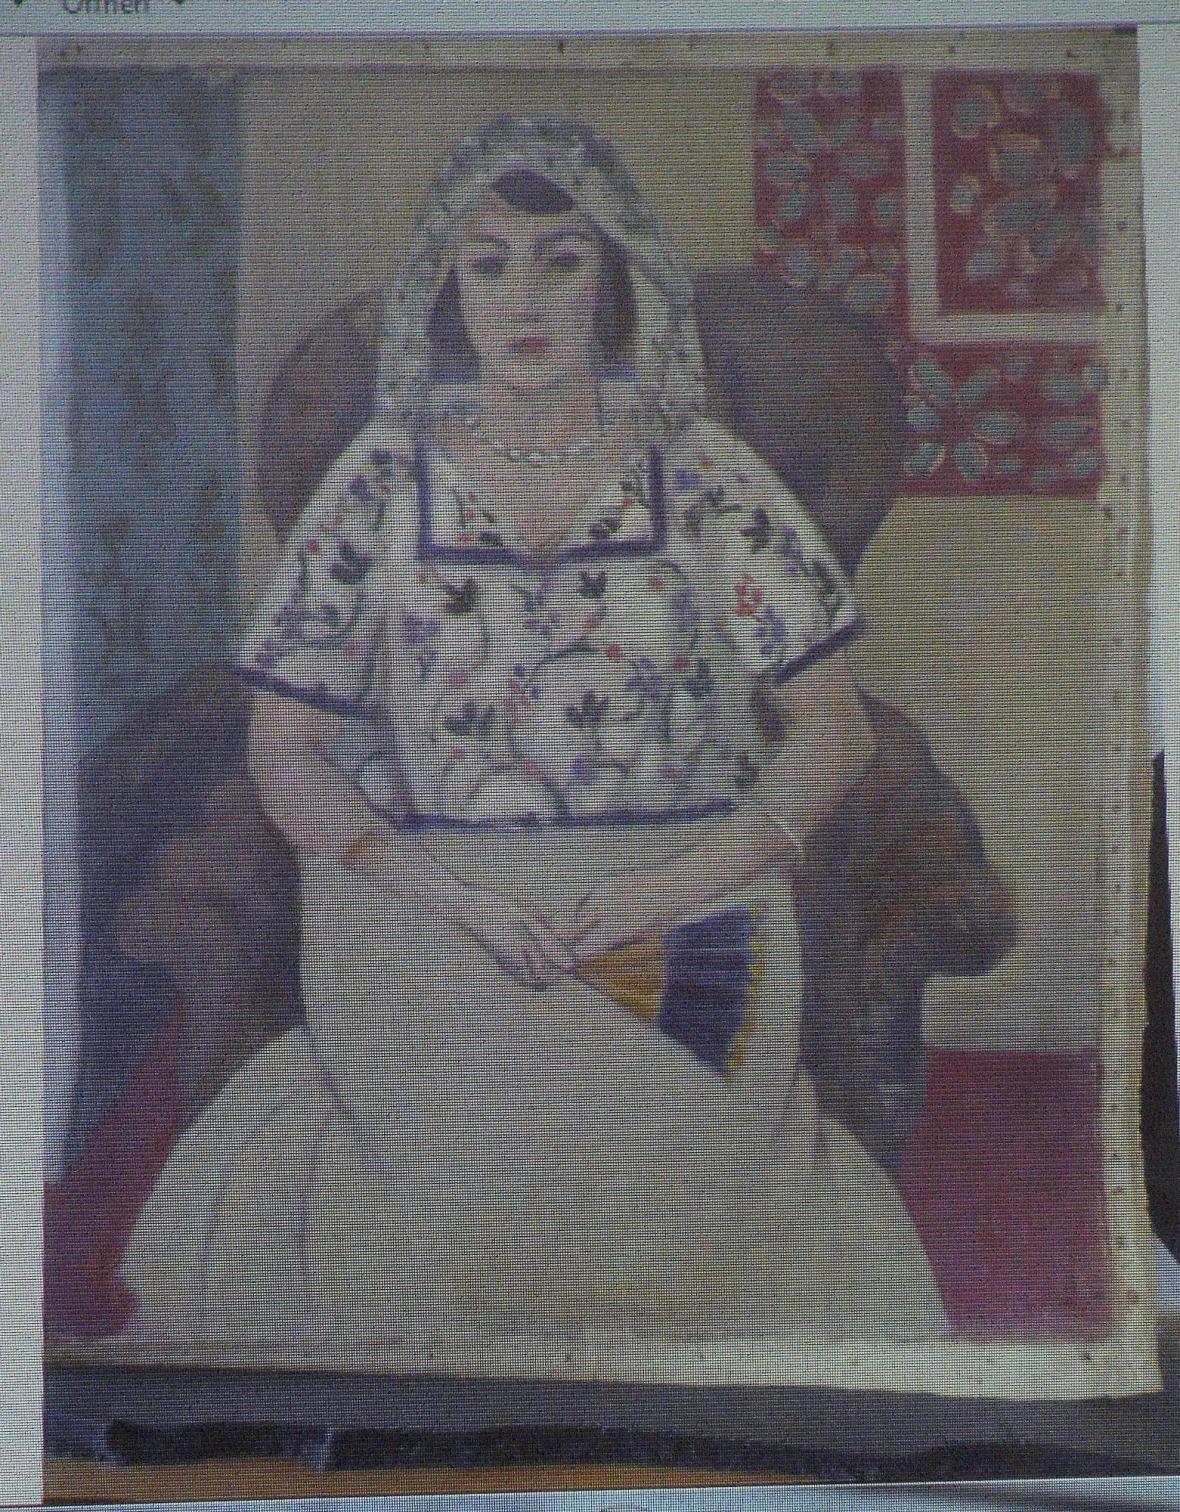 Nalezený obraz Henriho Matisse Sedící žena